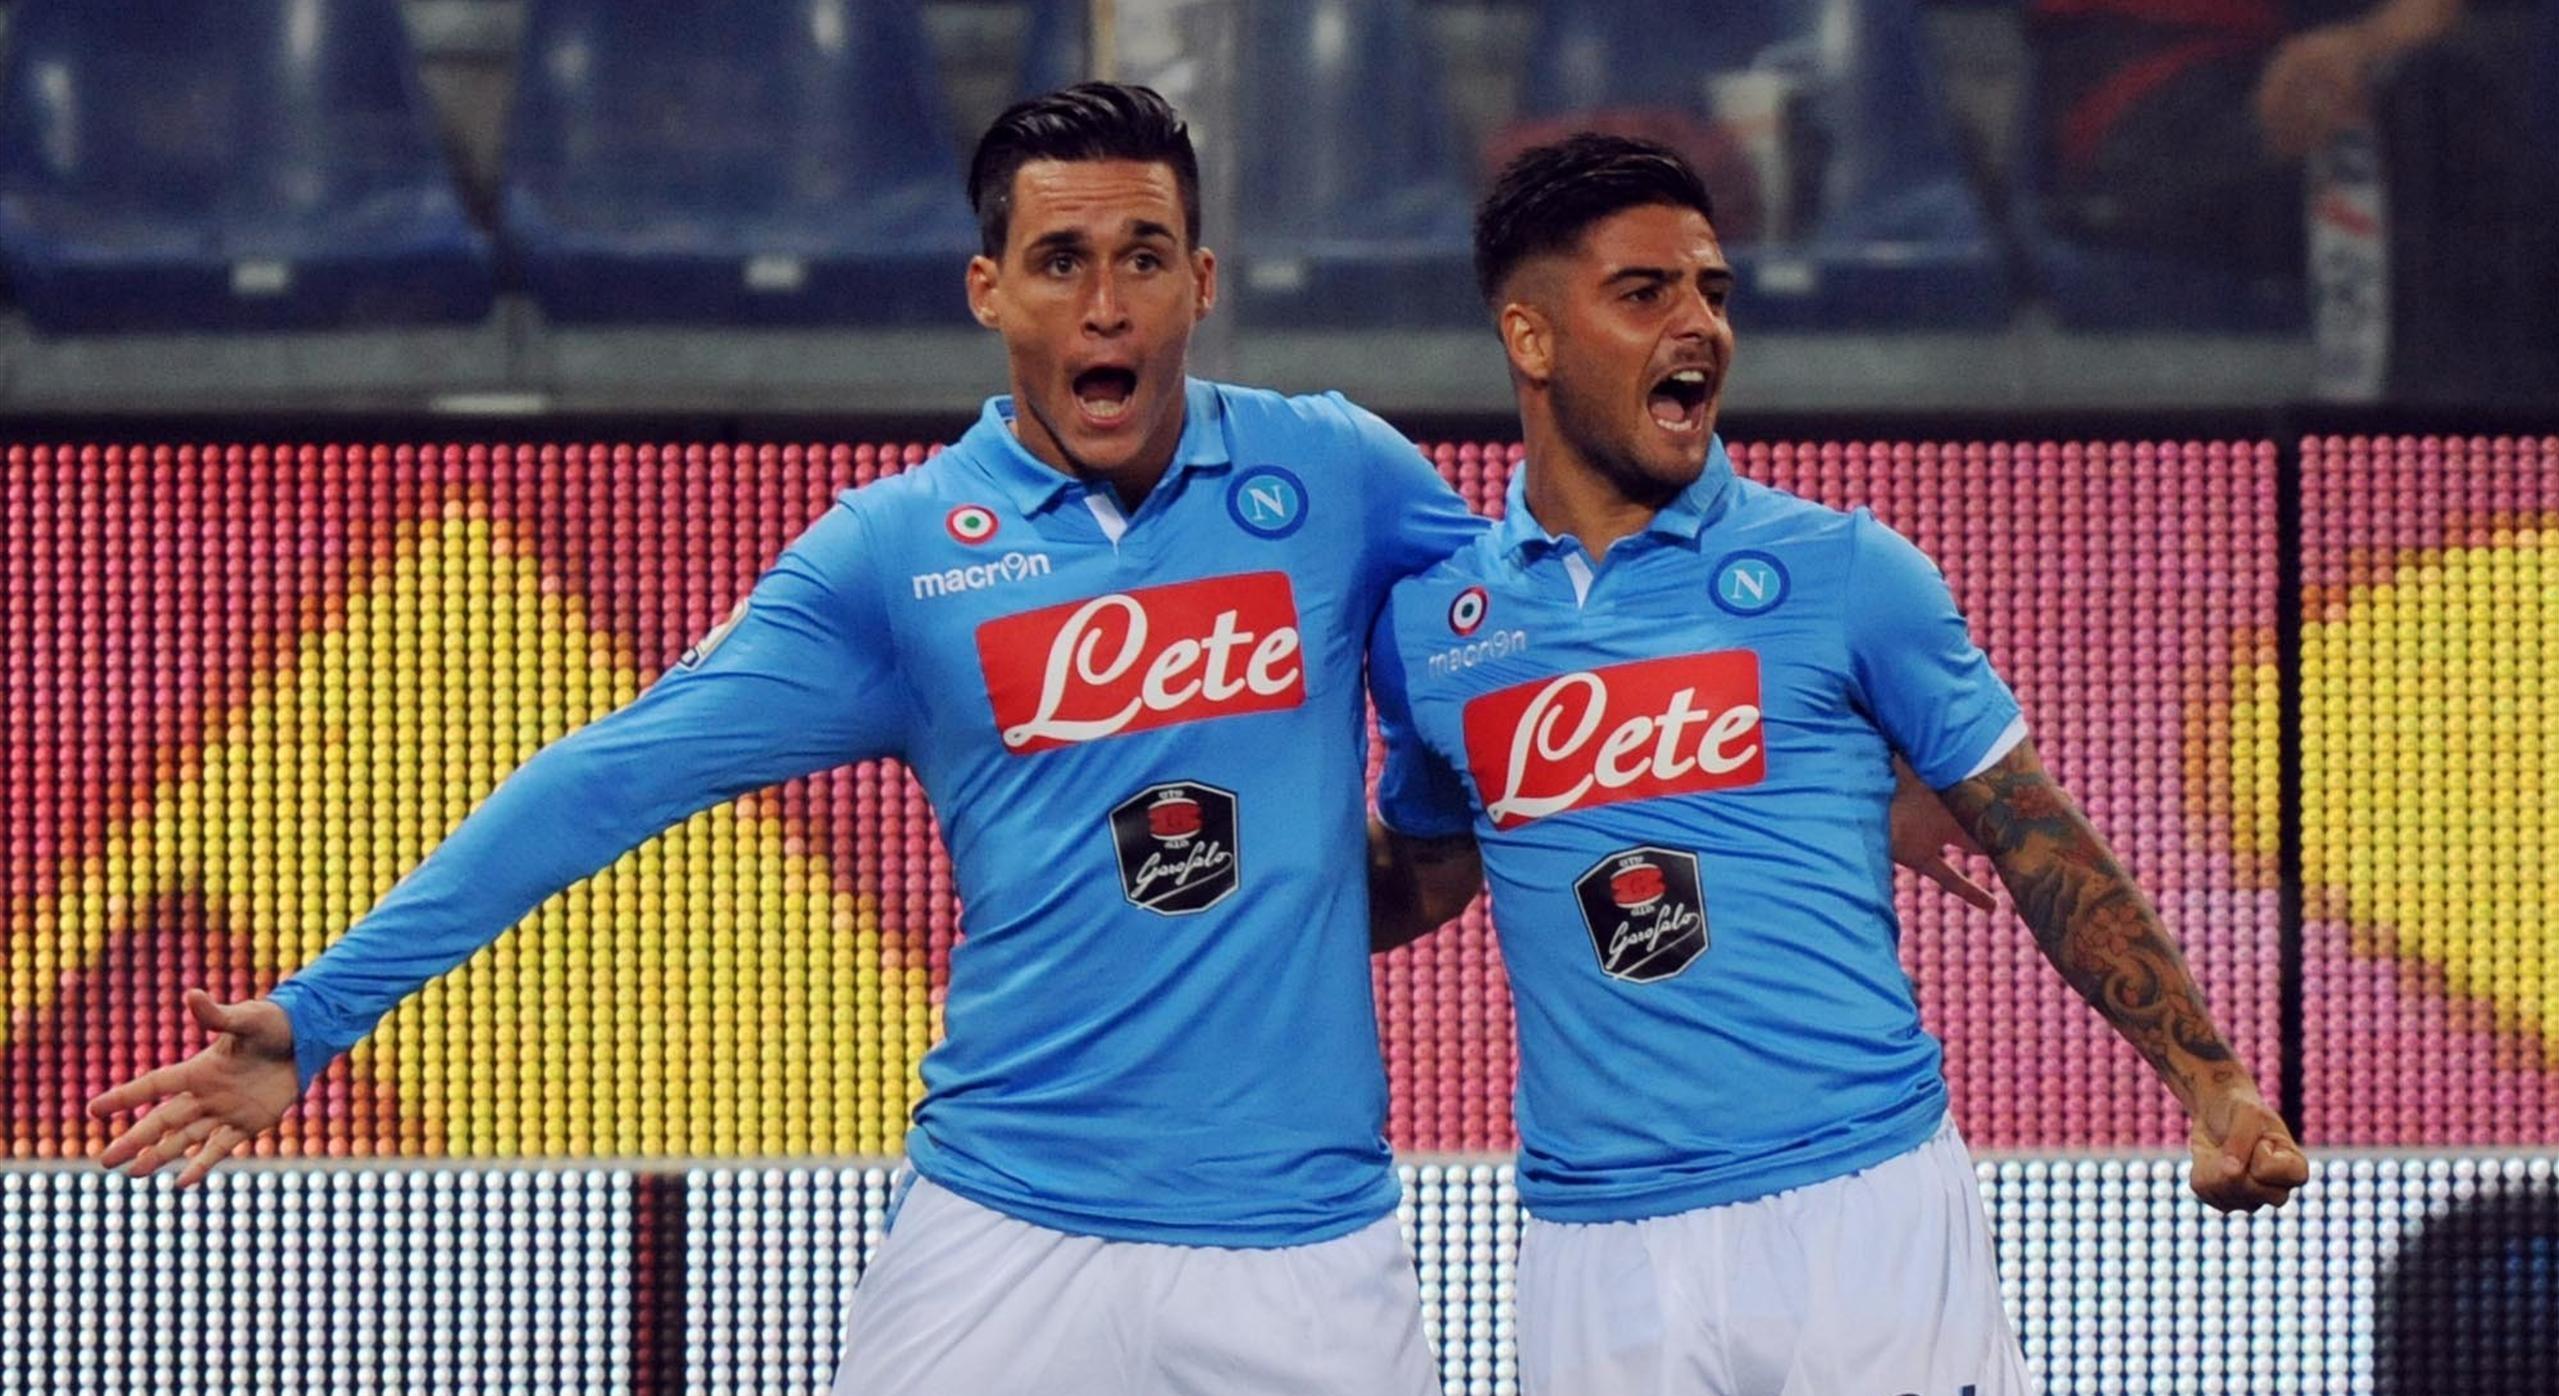 Serie A, Napoli: vittoria sofferta contro il Genoa